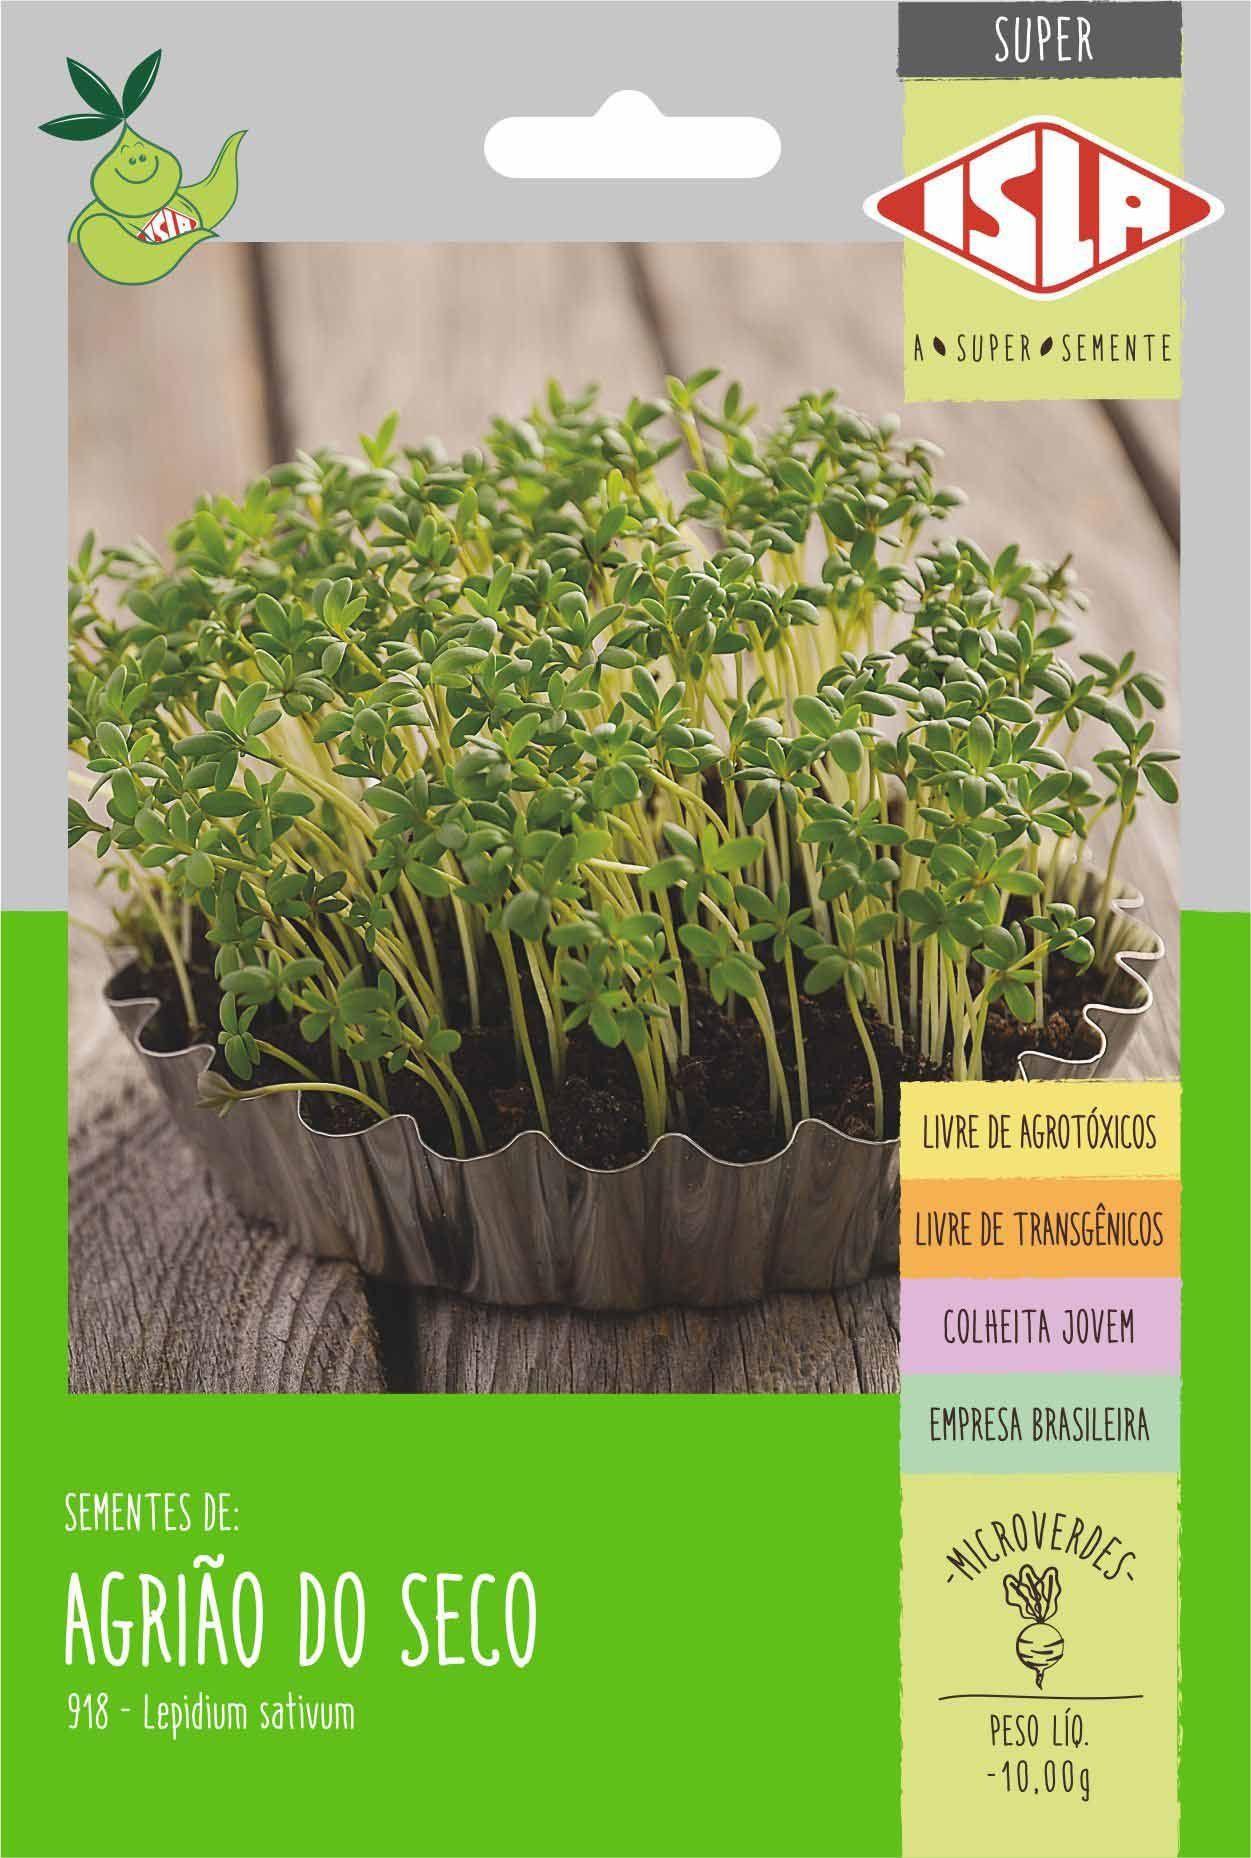 Sementes de Agrião Ravi do seco Microverdes 10g - Isla Superpak